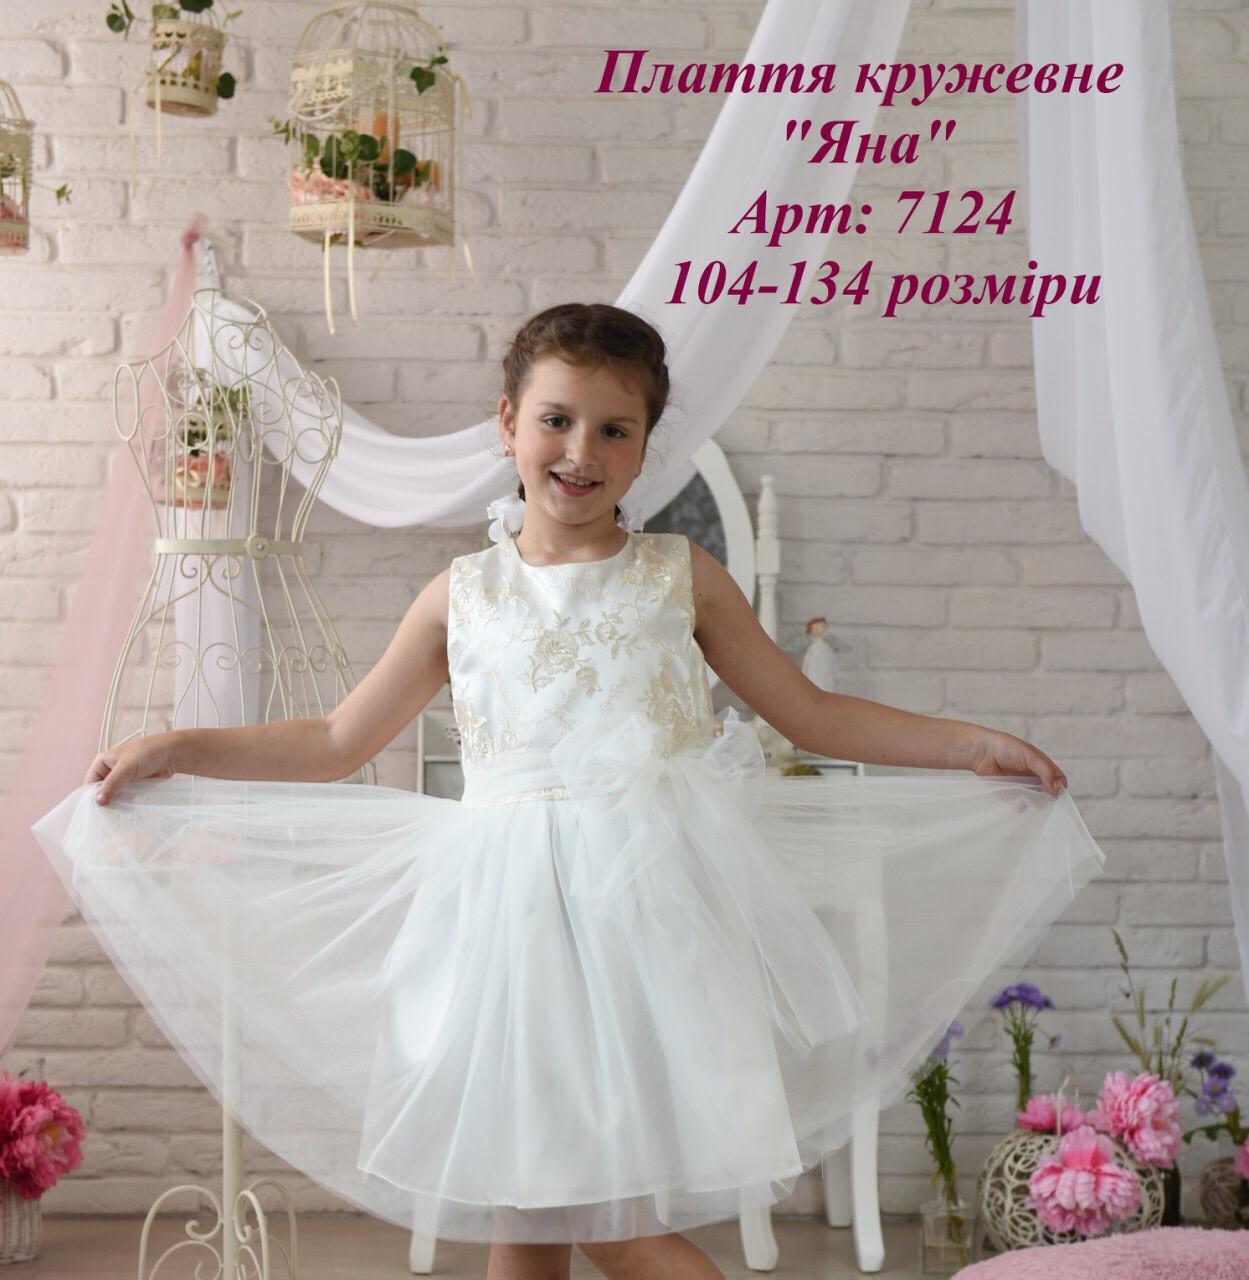 Детское нарядное платье  для девочки 7124, размеры 104-134